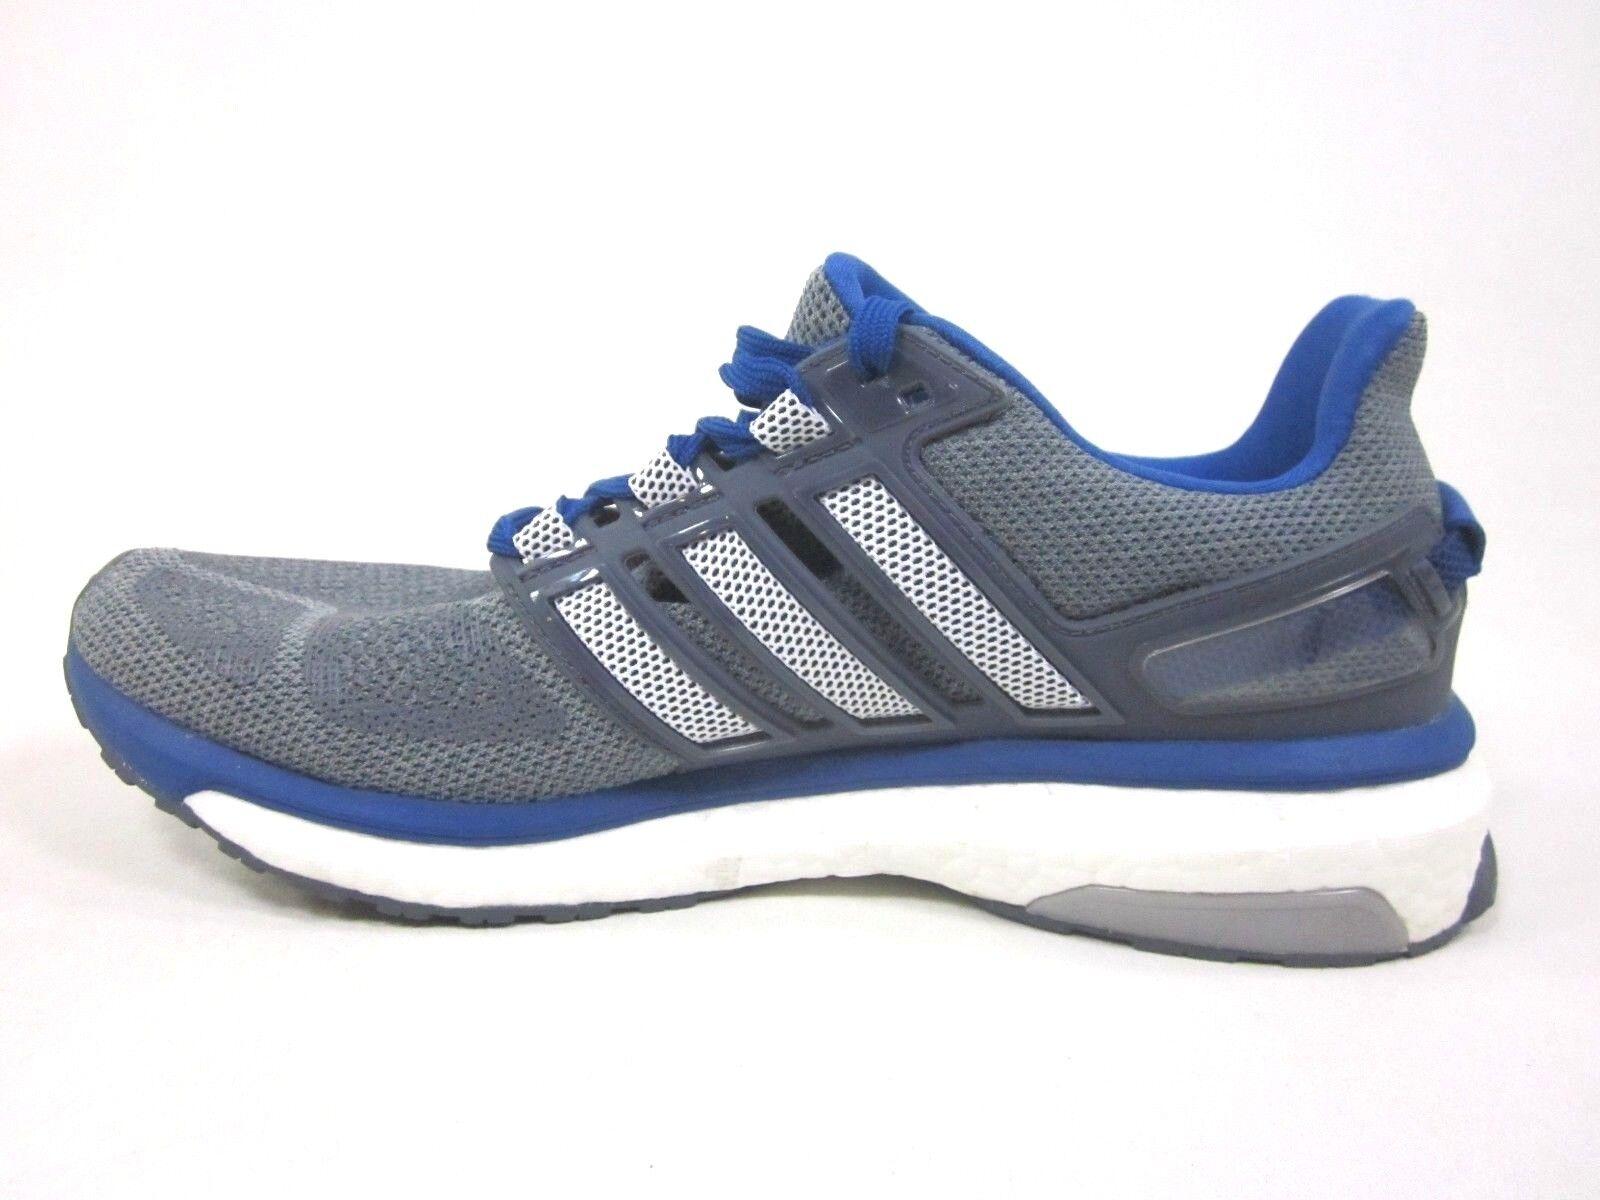 Adidas performance männer energieschubs 3 m us laufschuhe, grau - blaue, us m - größe 9,5 m 98f5c7